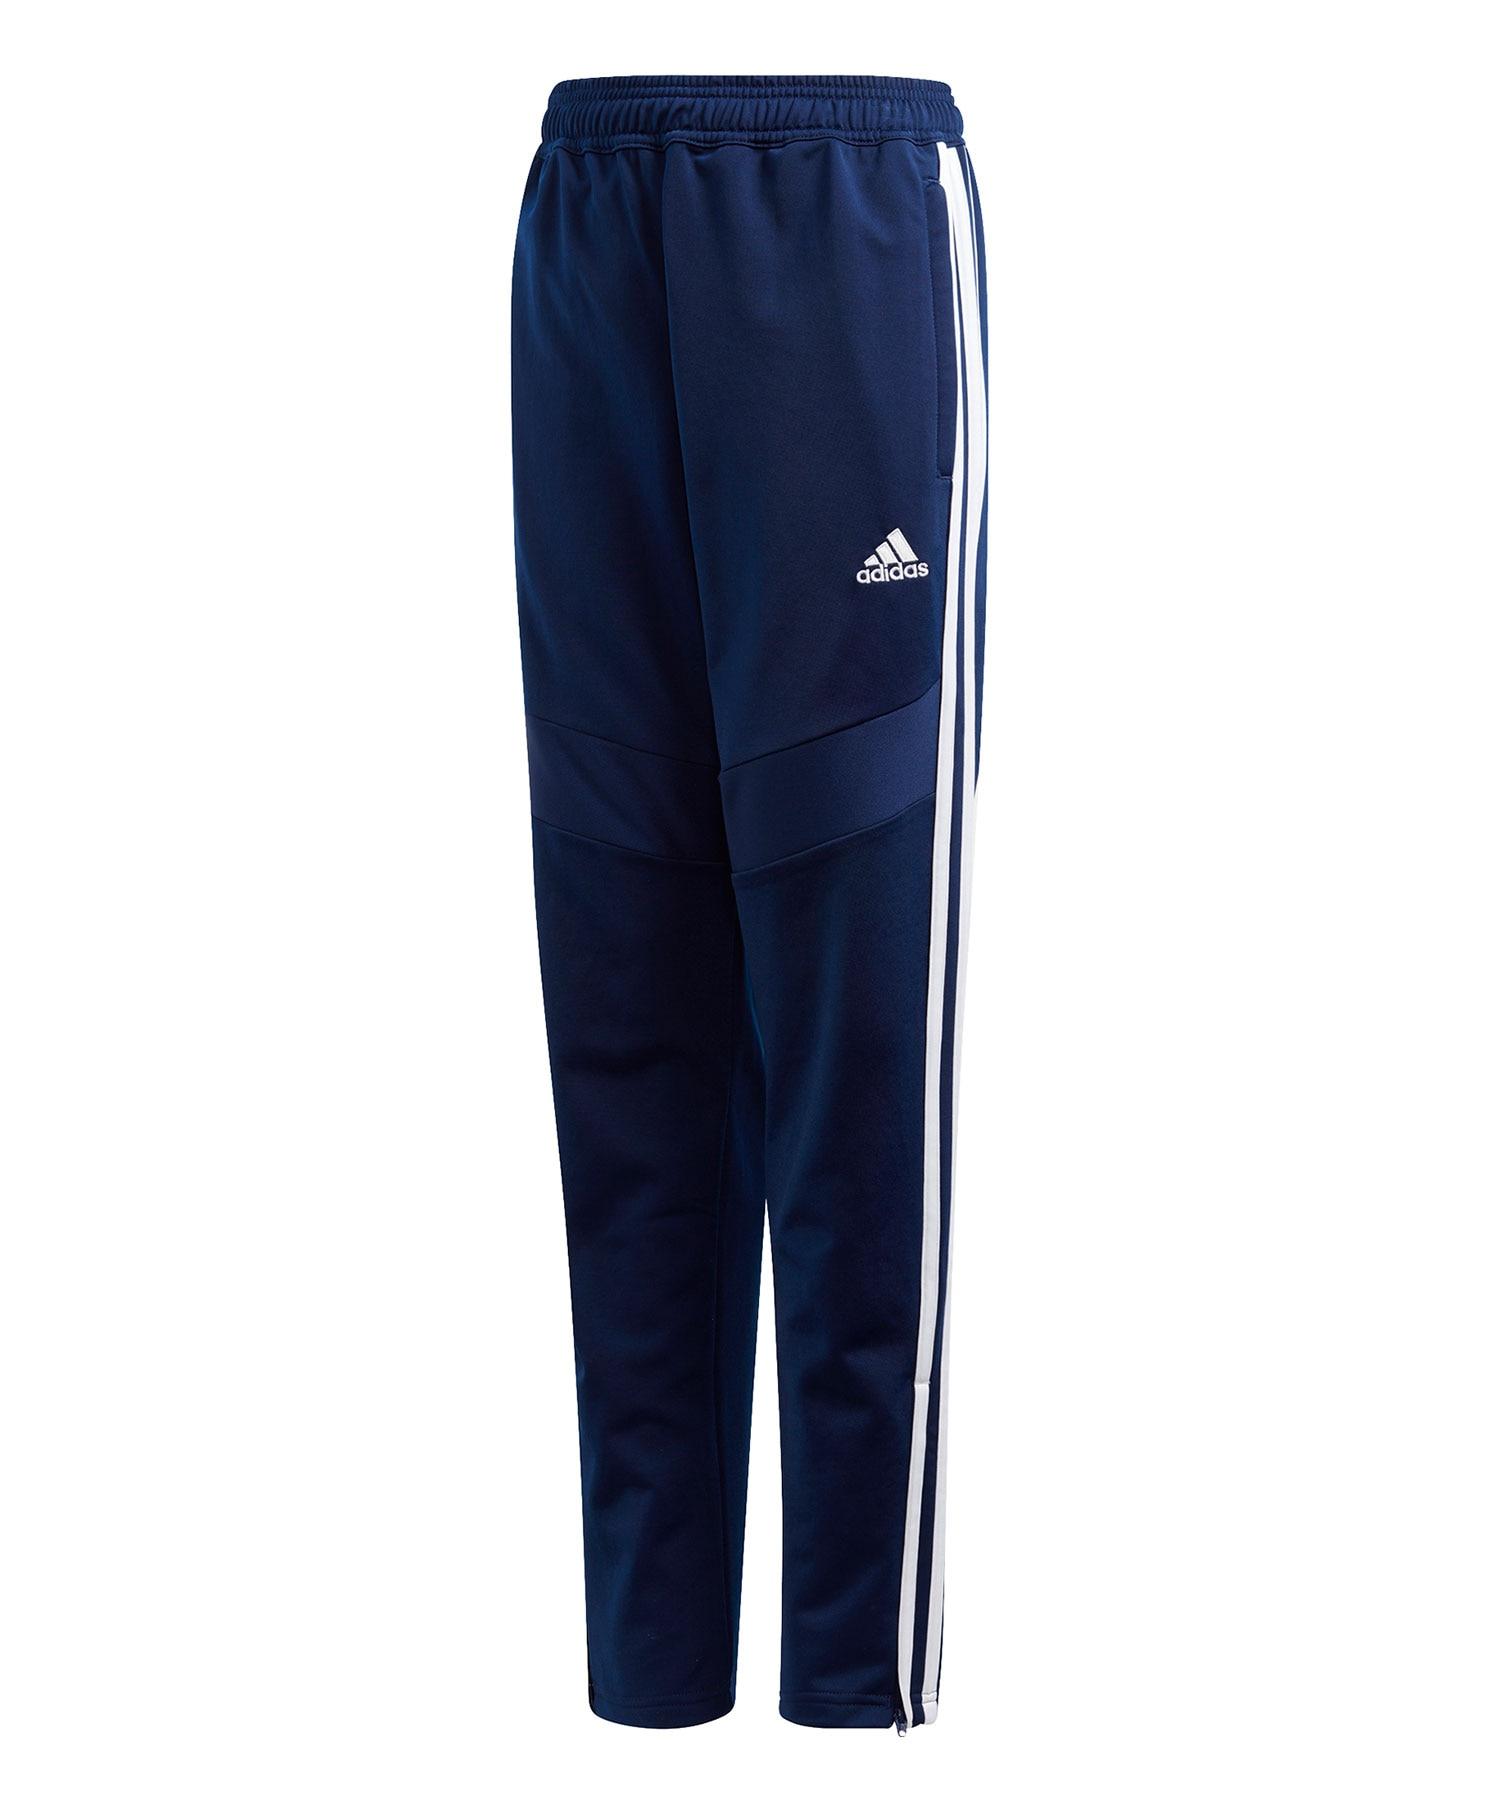 Adidas TIRO  bukse